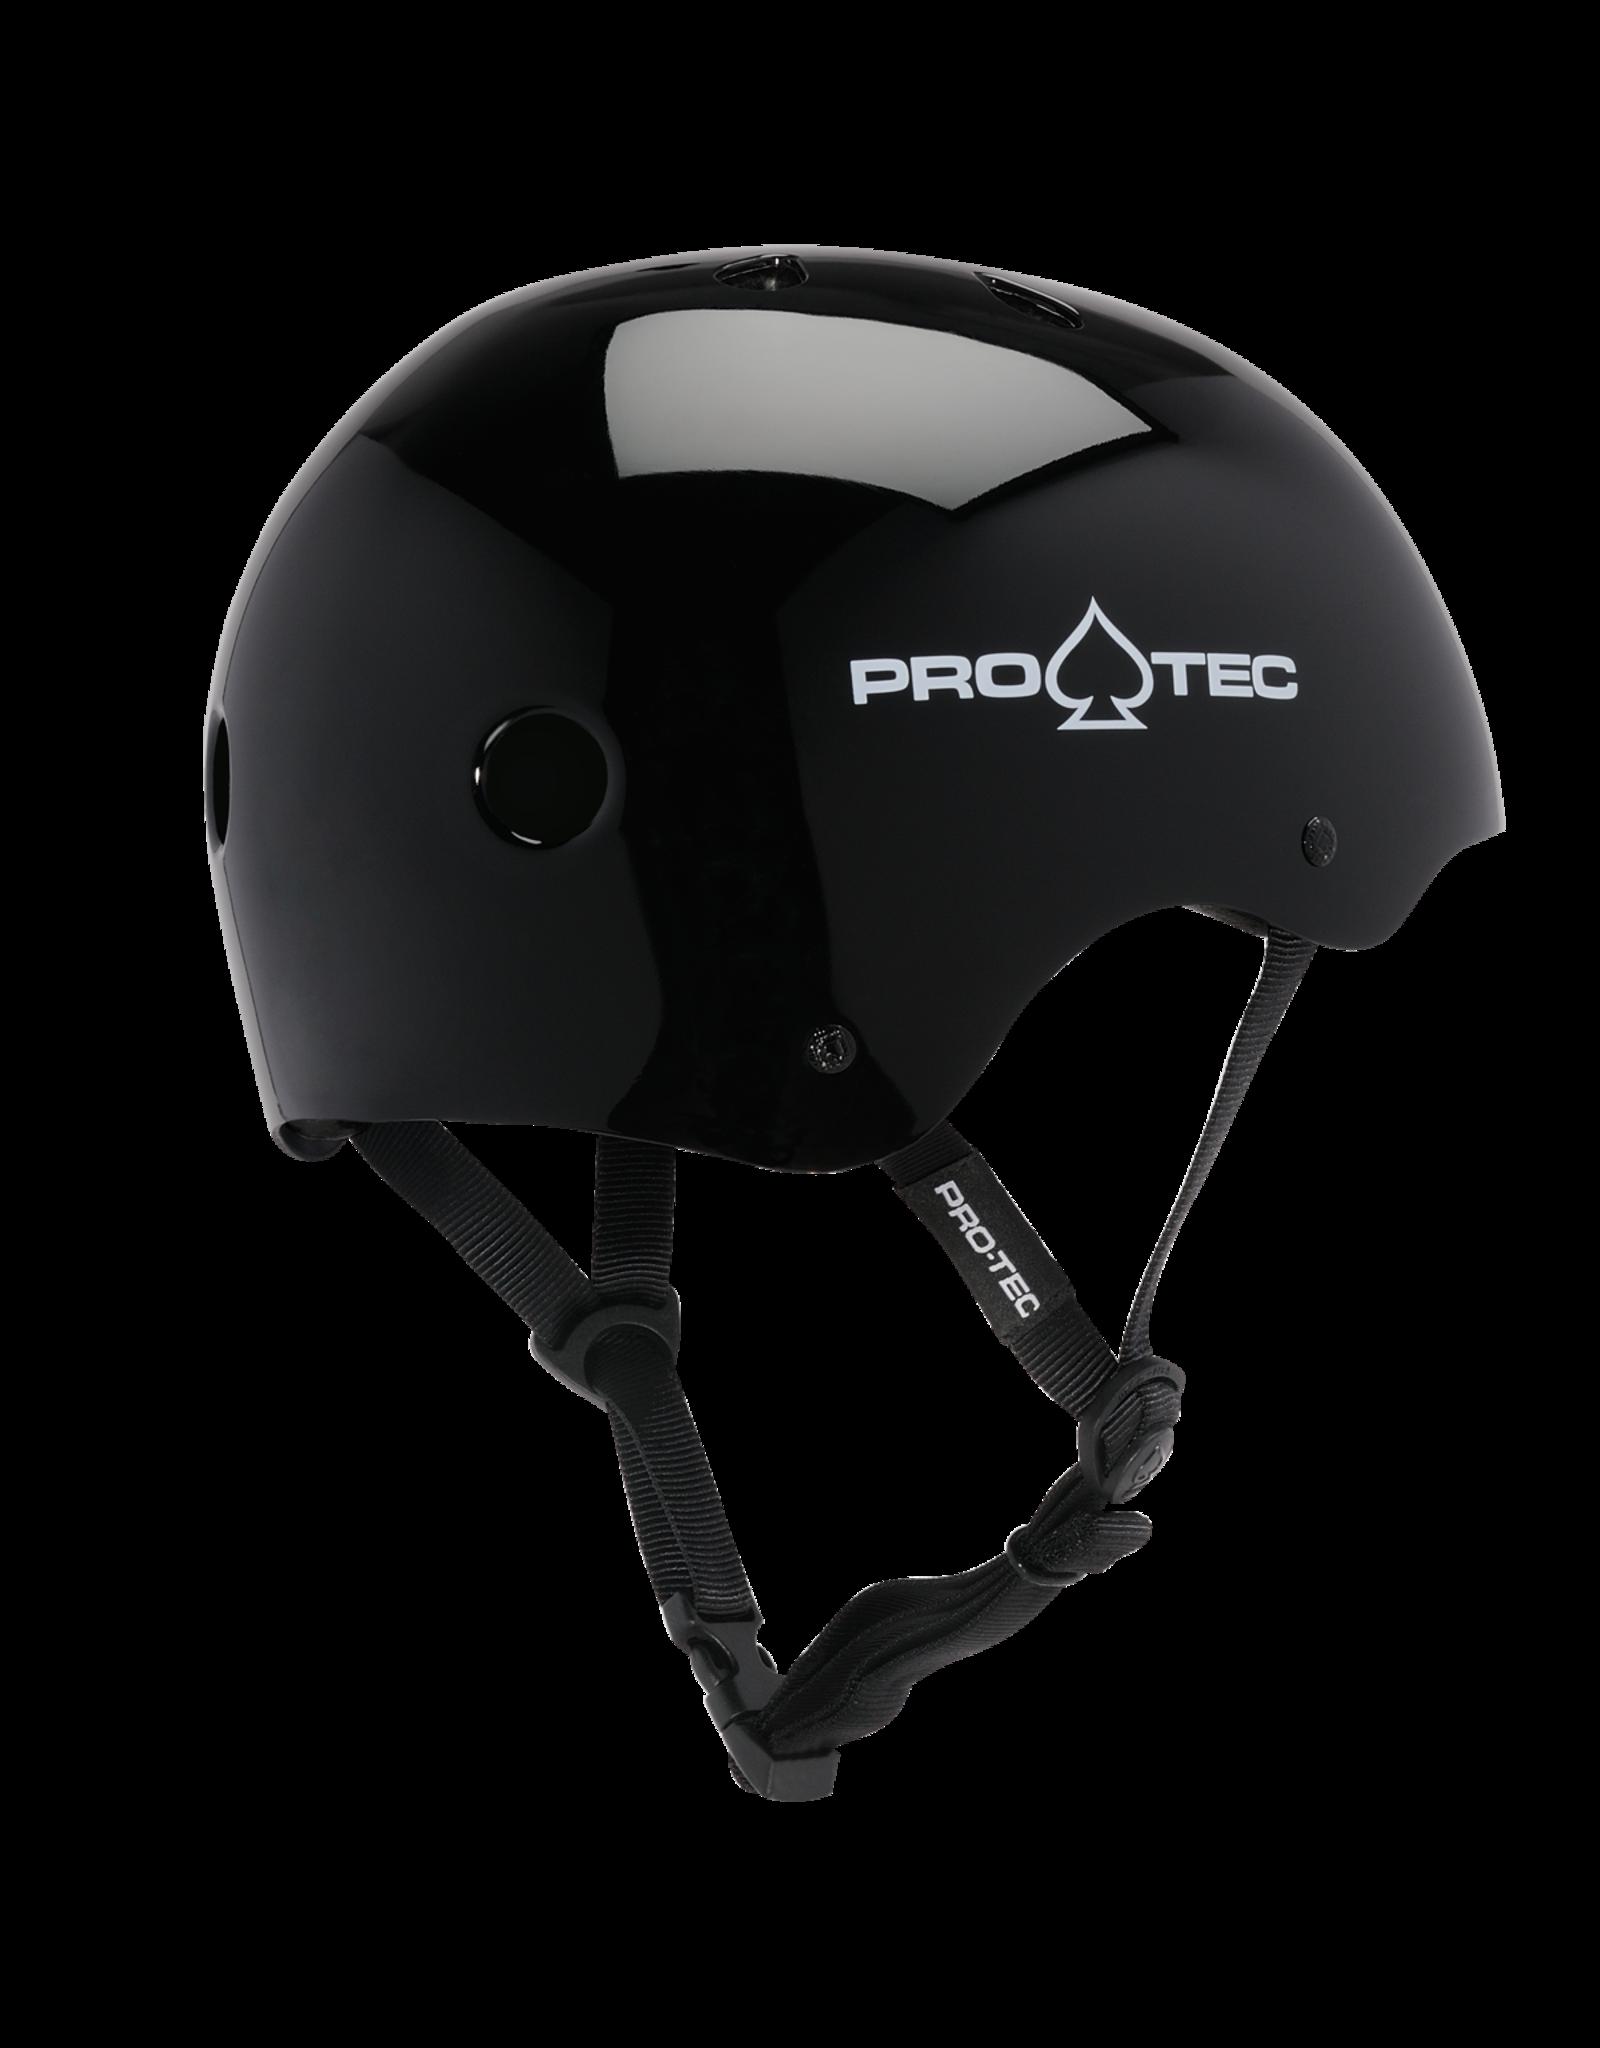 PRO-TEC PRO-TEC - CLASSIC SKATE - BLACK -